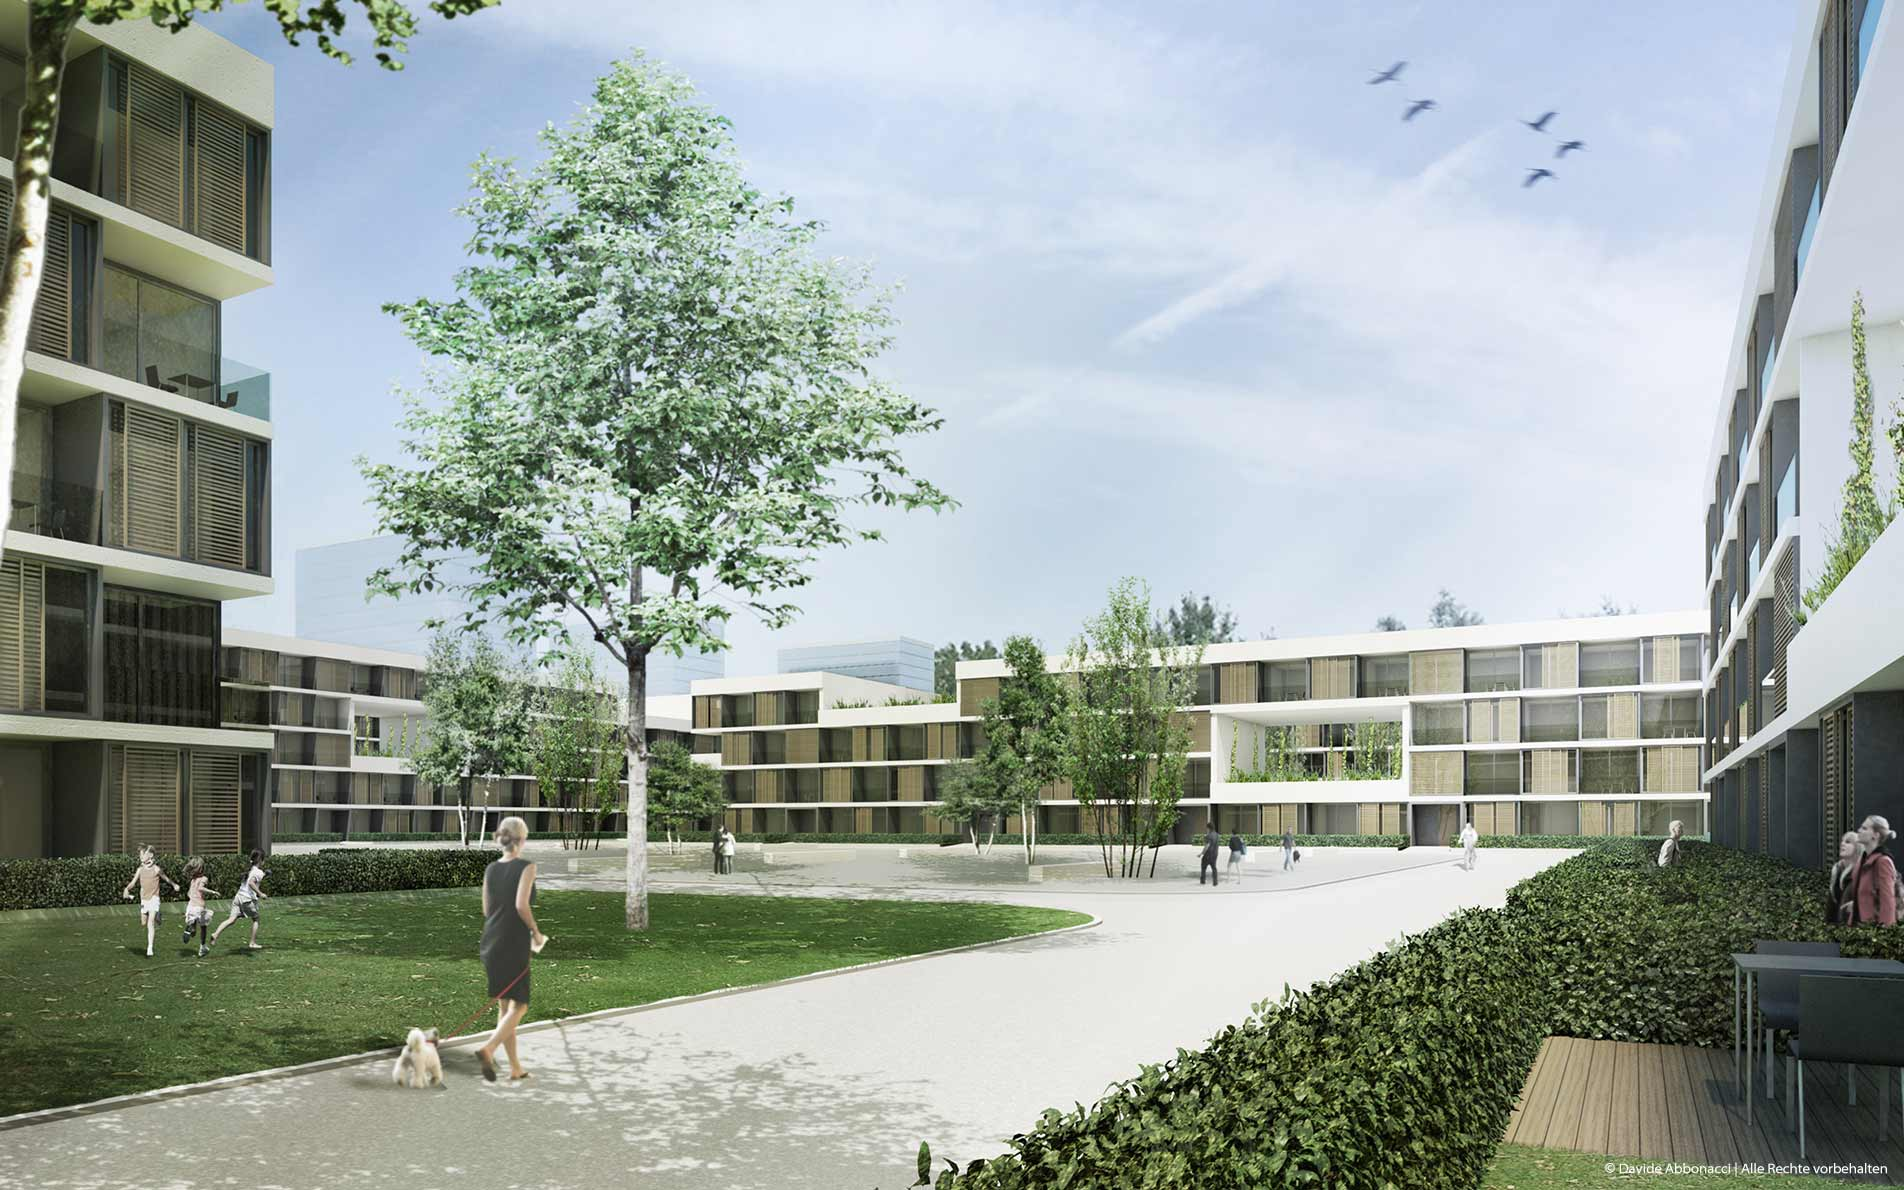 Olympisches Dorf und Mediendorf, München | gmp Architekten von Gerkan, Marg und Partner | 2010 Wettbewerbsvisualisierung